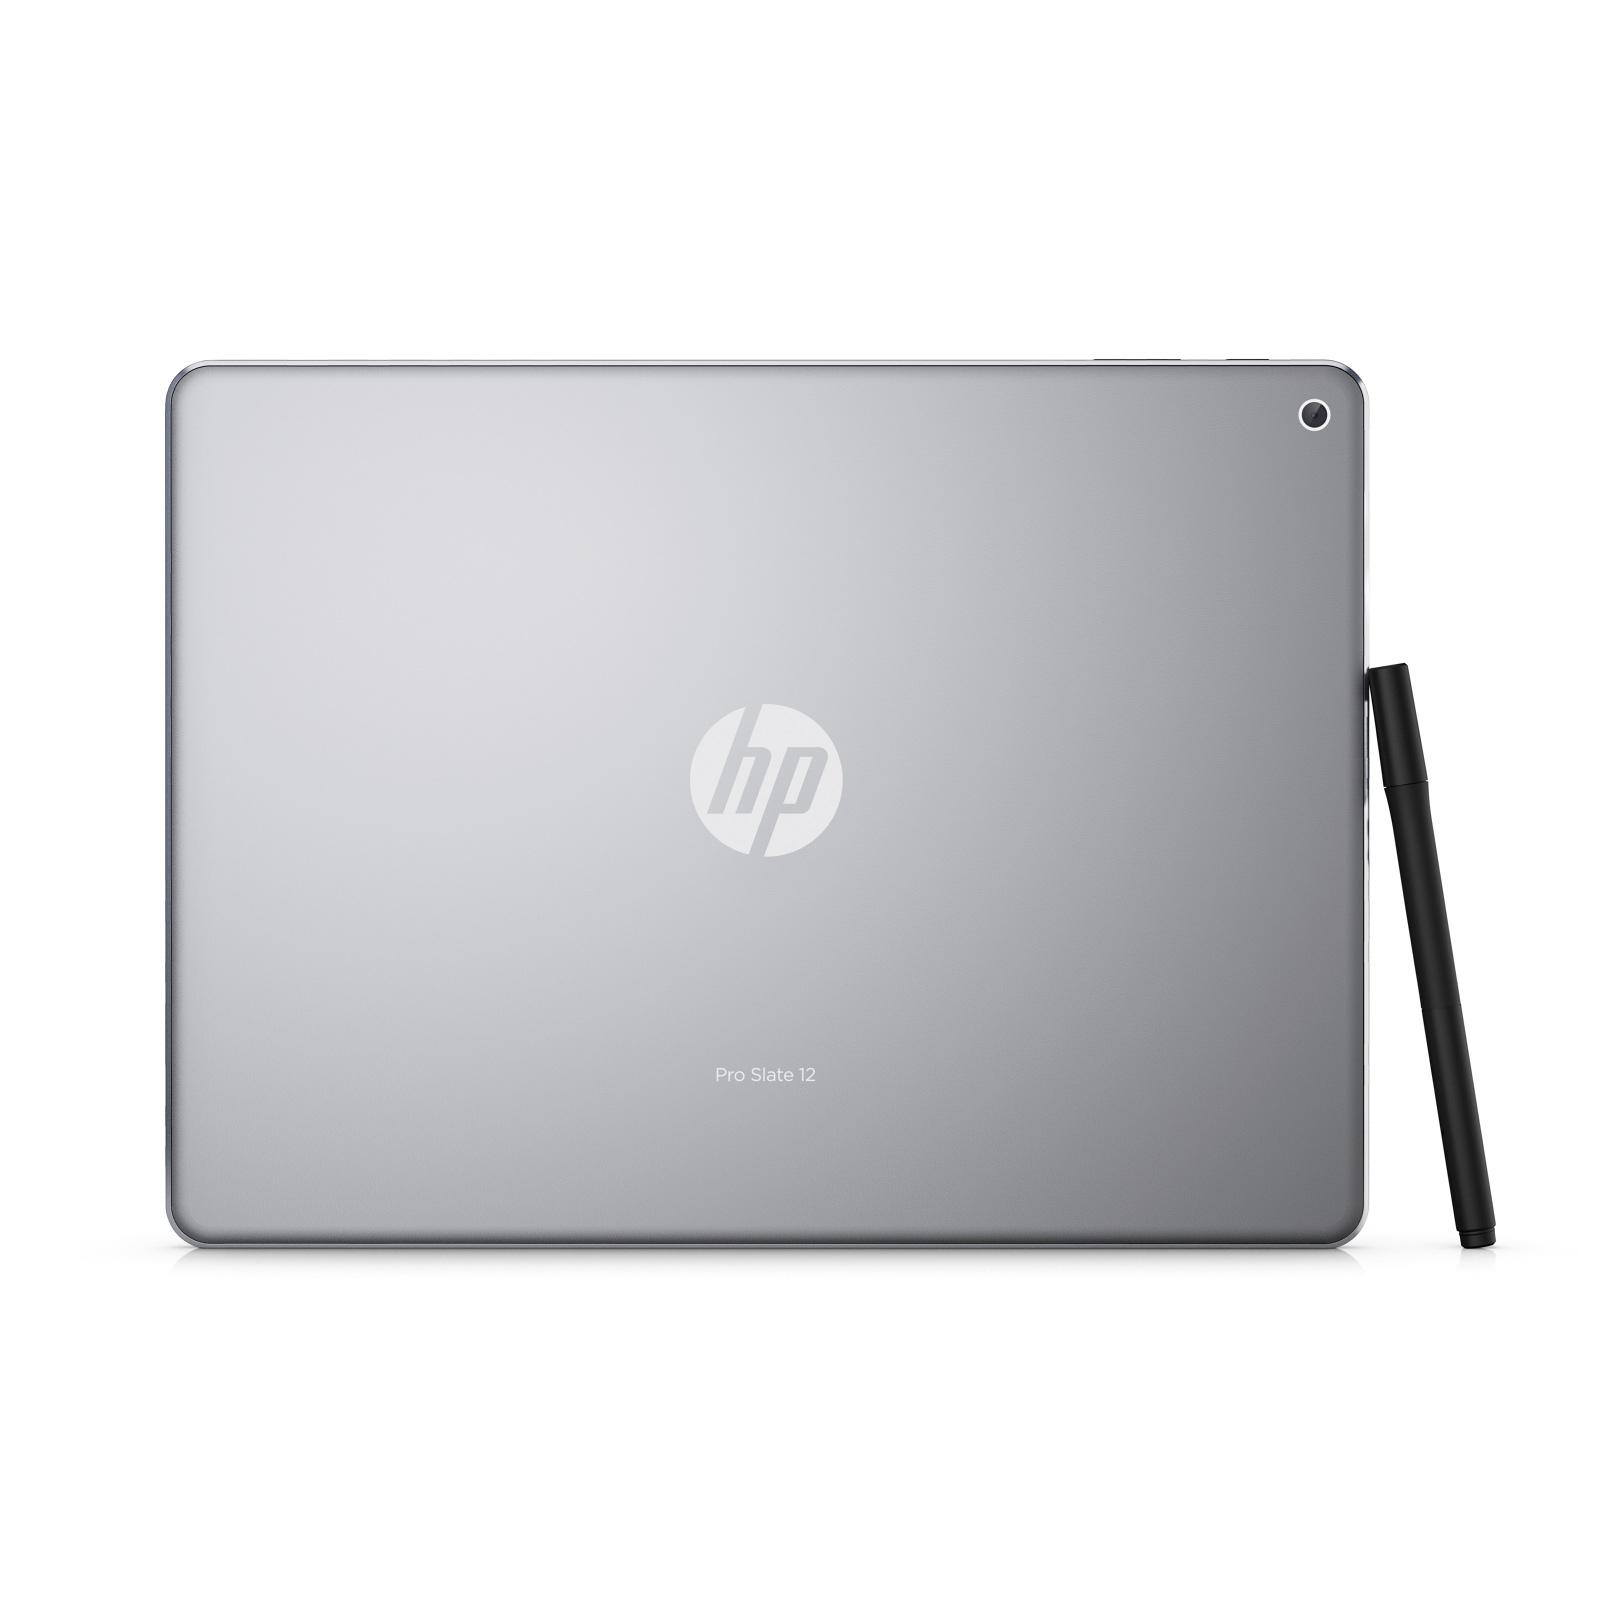 HP Pro Slate Back w Pen